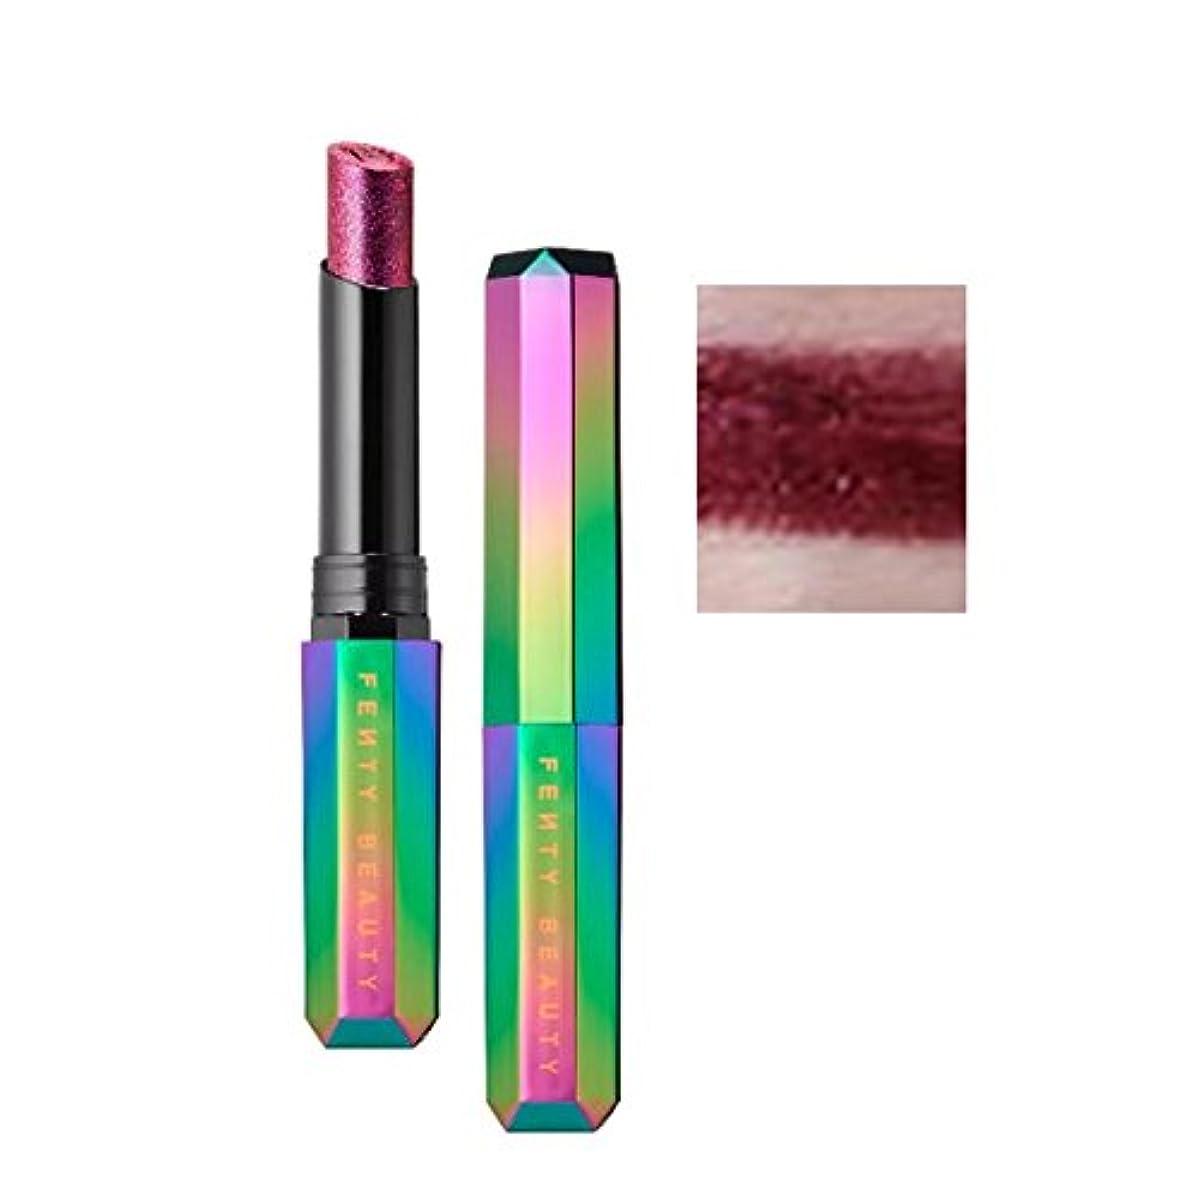 ジェームズダイソンアジア誕生日FENTY BEAUTY BY RIHANNA Limited Edition限定版Starlit Hyper-Glitz Lipstick - Sci-Fly[海外直送品] Sci-Fly [並行輸入品]